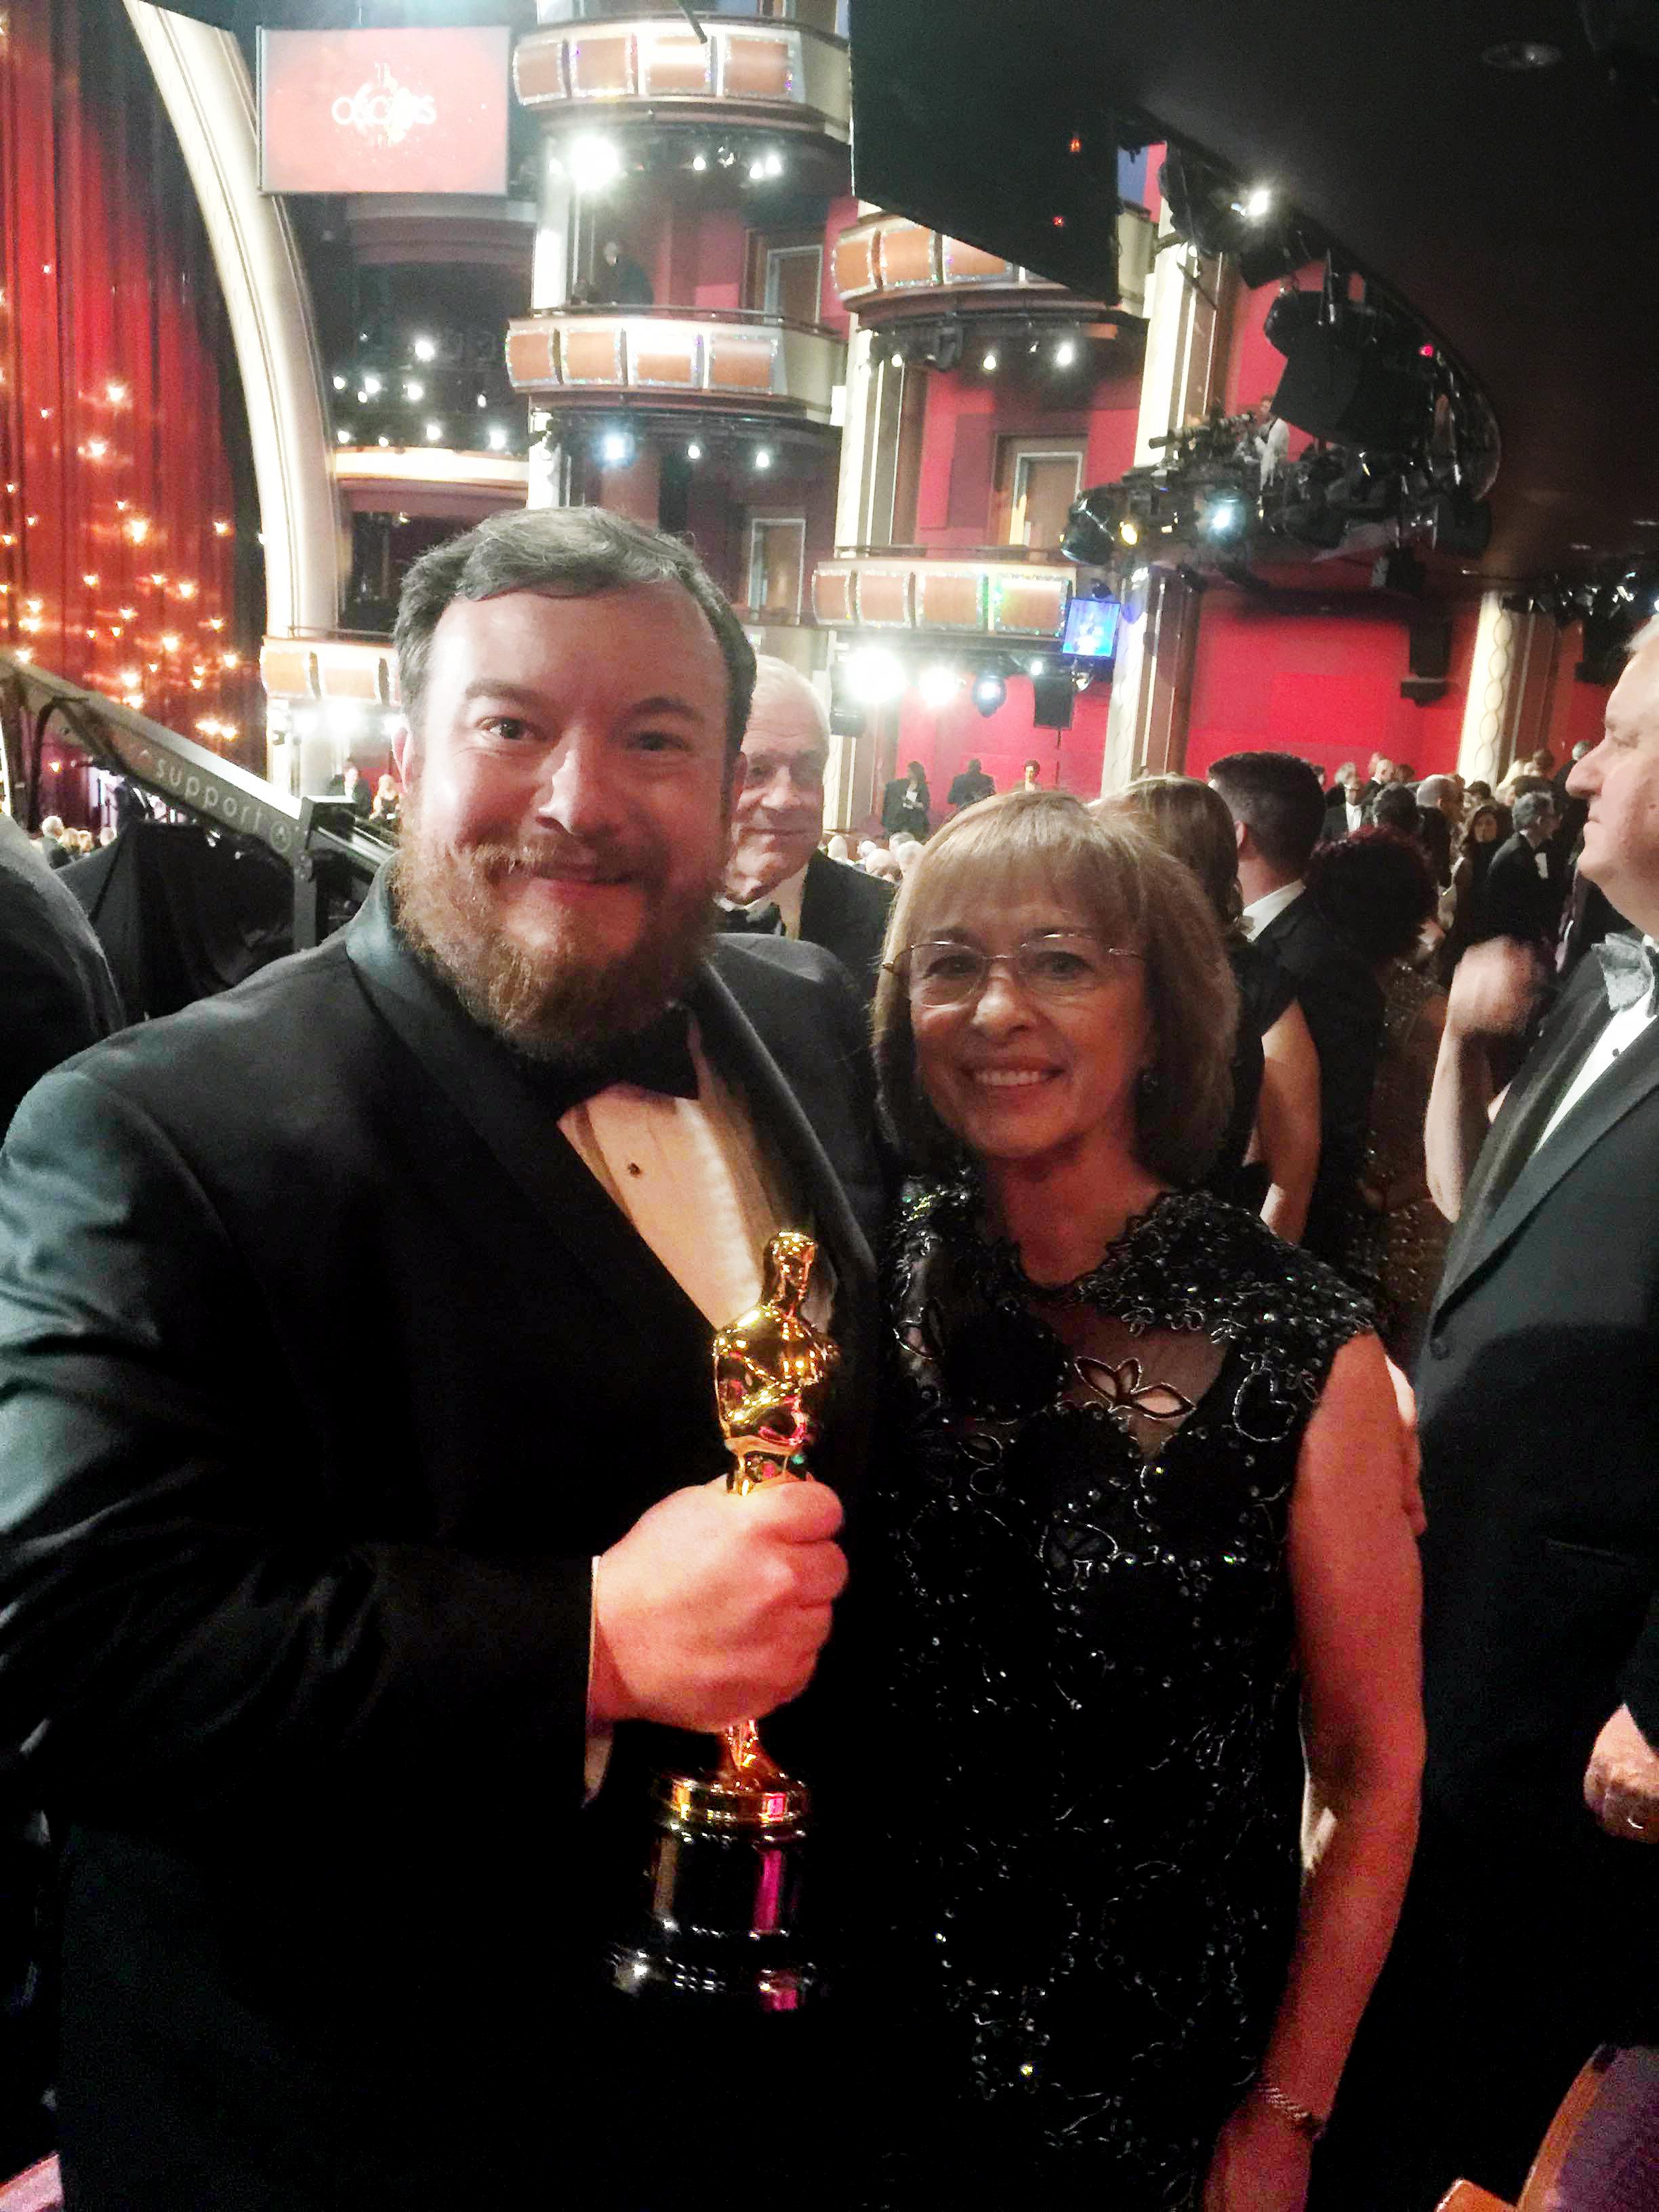 Thomas Curley with the Oscar